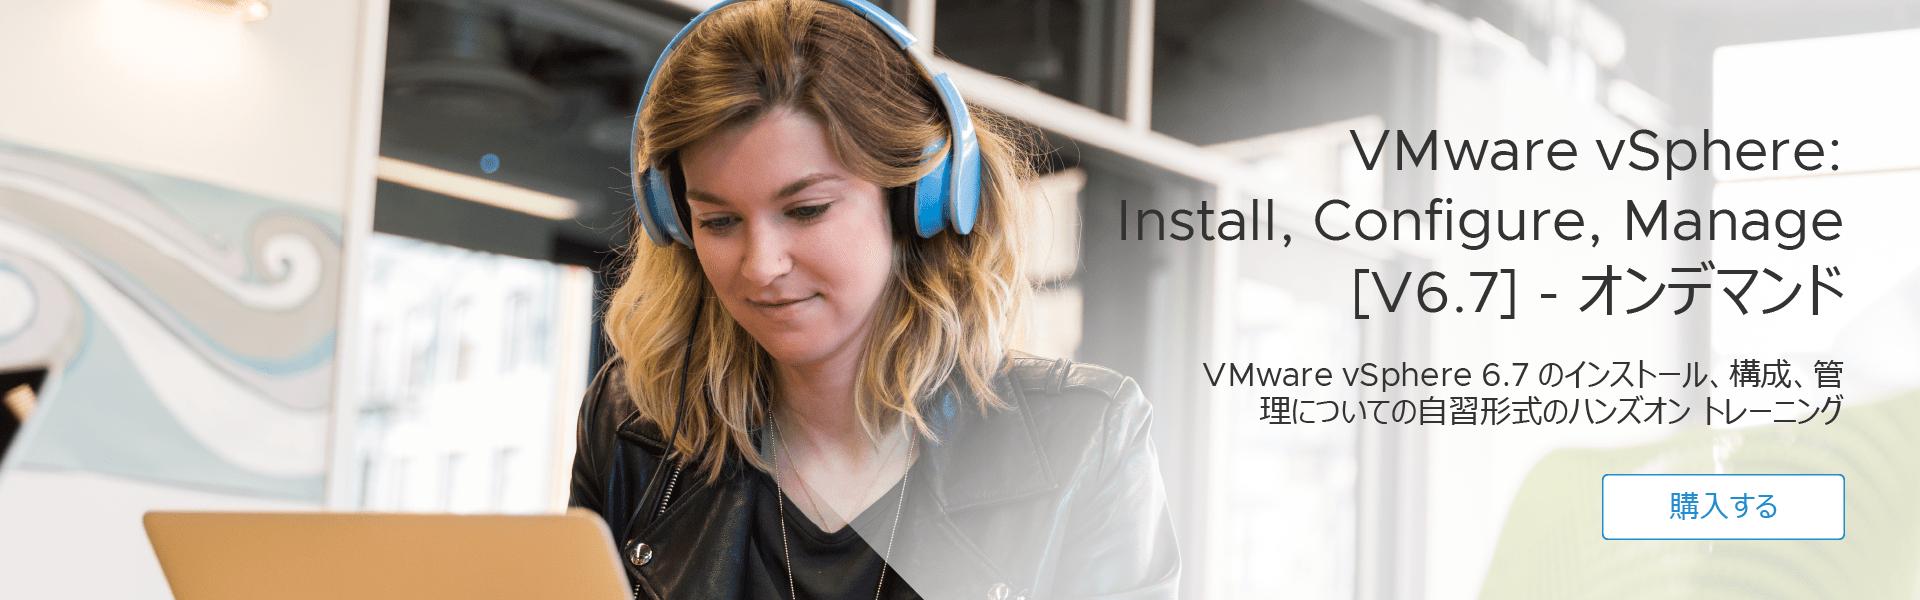 VMware vSphere: Install, Configure, Manage [V6.7] - オンデマンド(英語版)